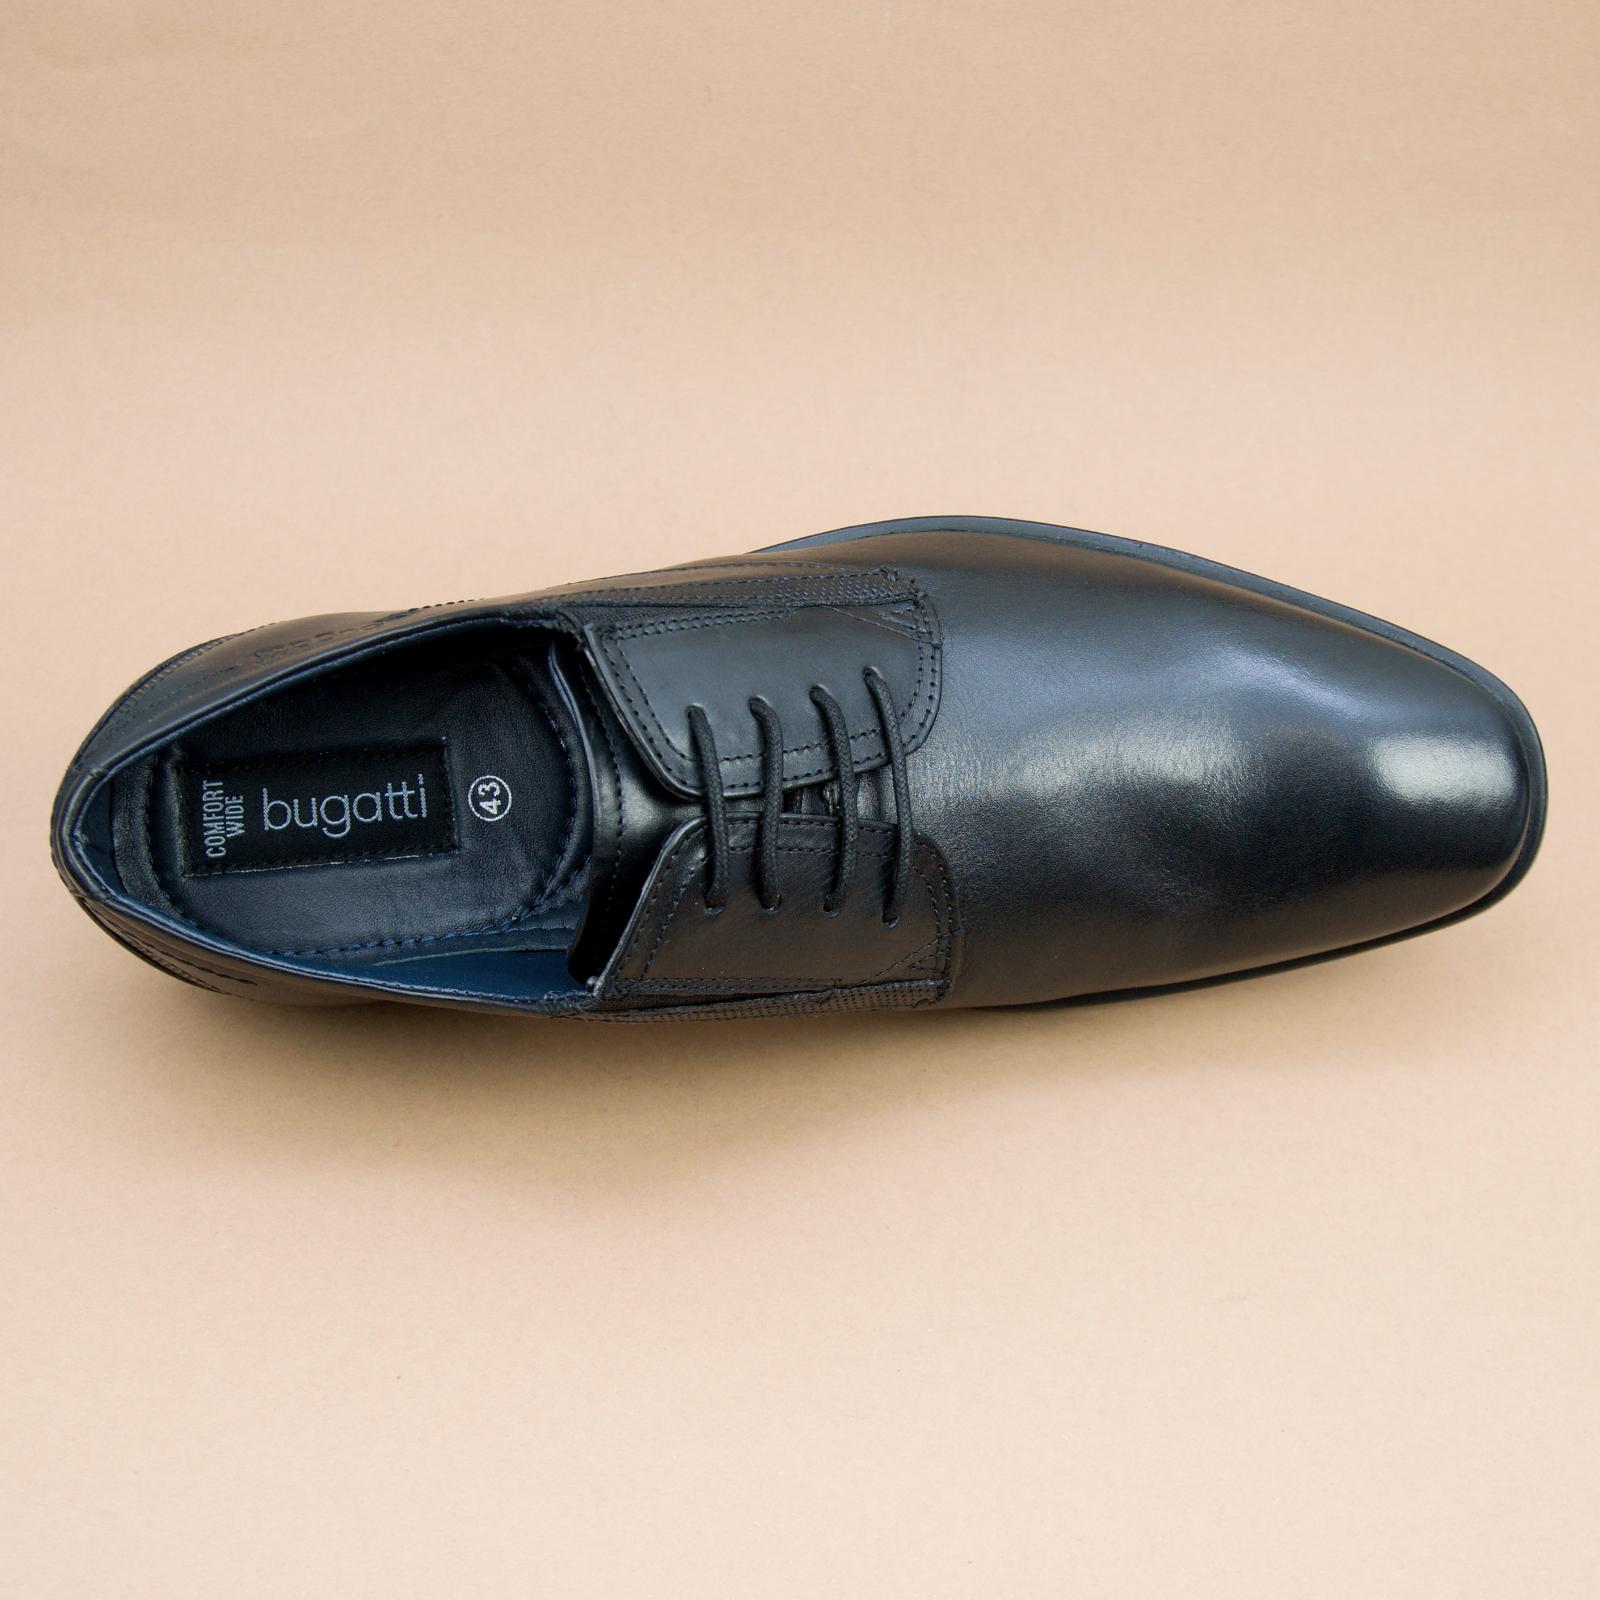 Details zu Bugatti Herrenschuhe Leder Schnürer Halbschuhe Schwarz R3505 1 100 Comfort Wide